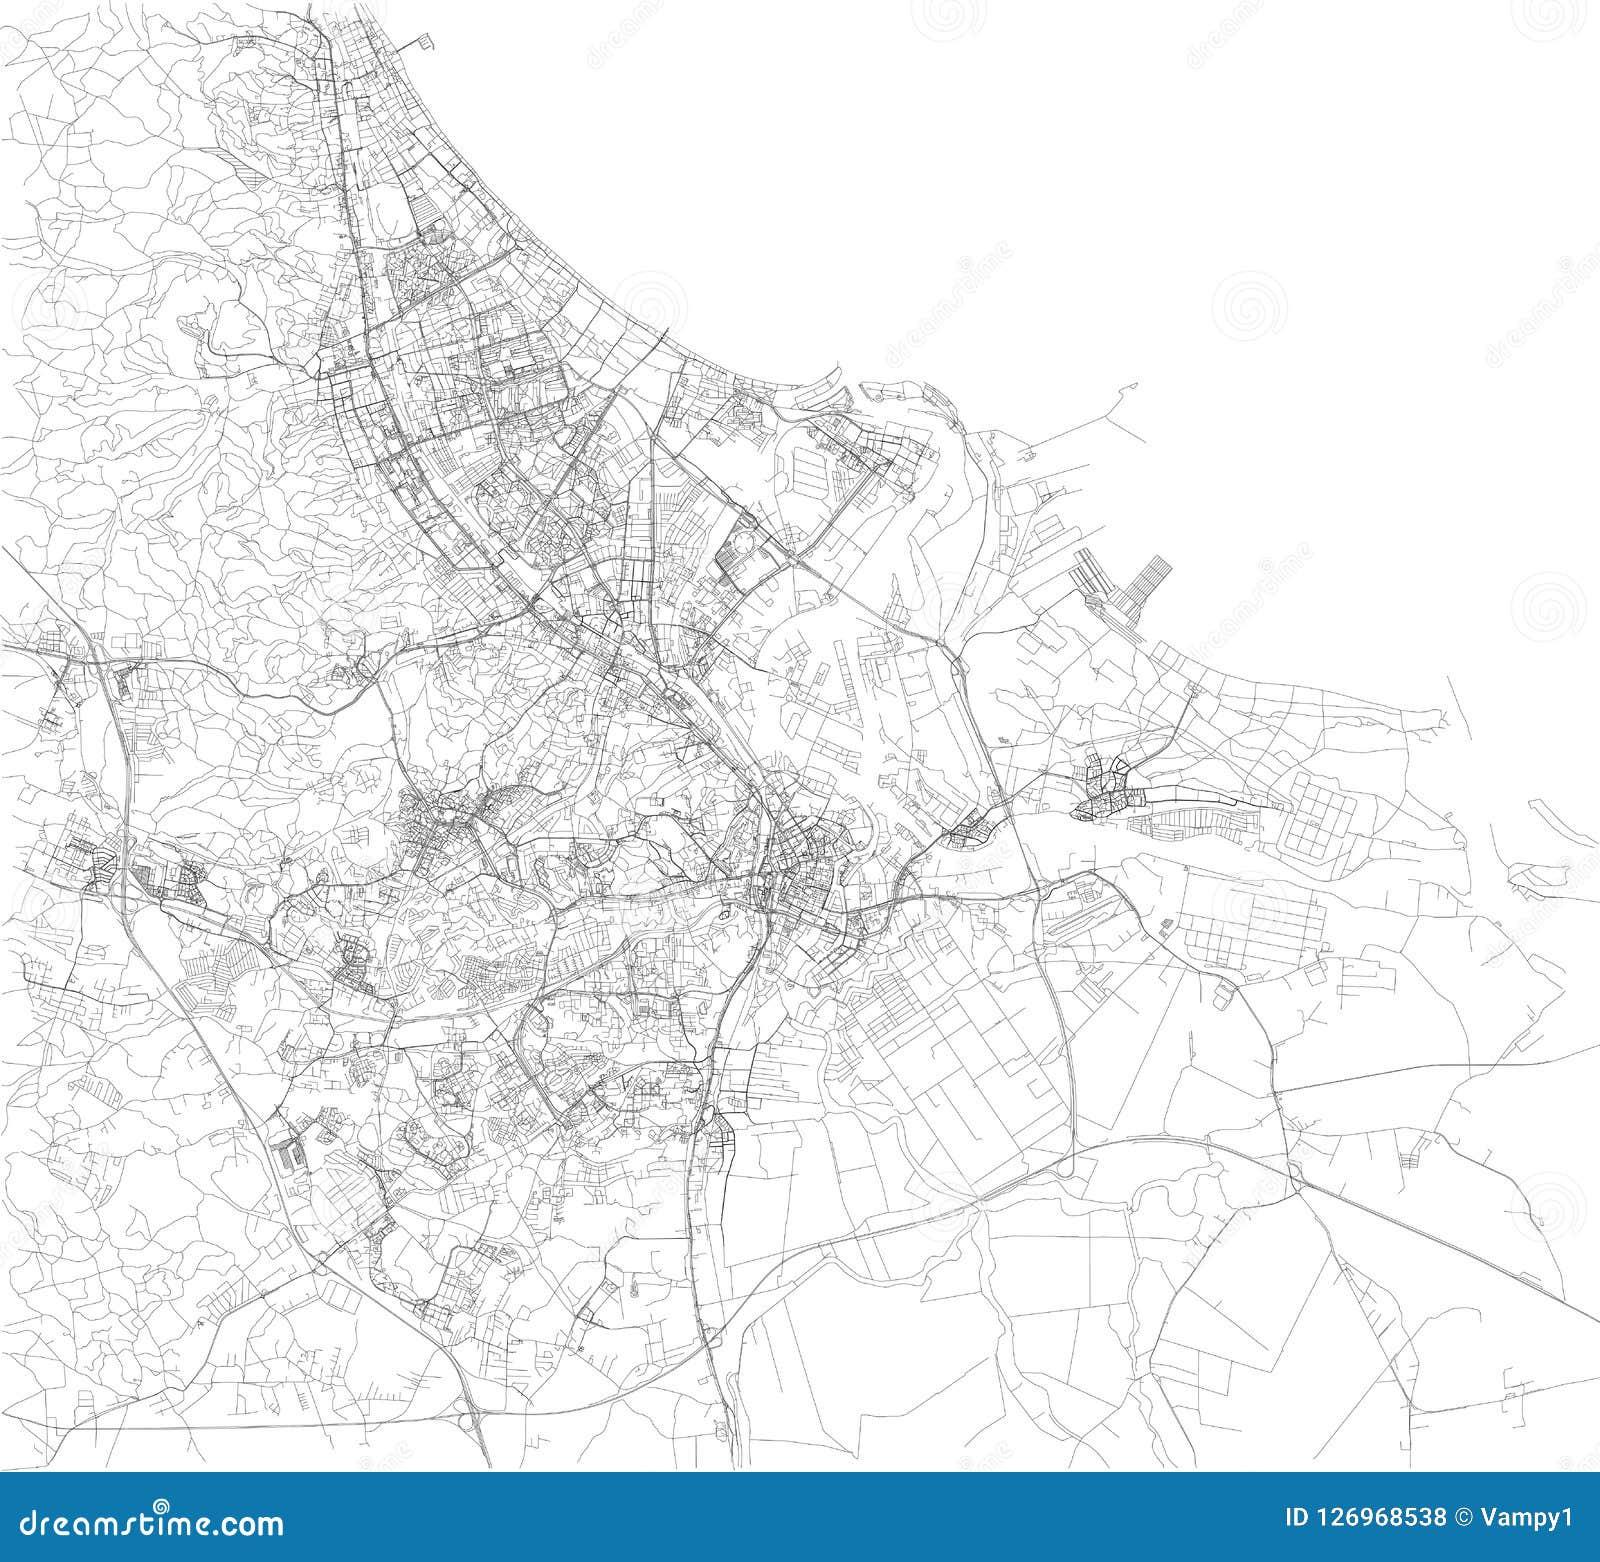 Karte Europa Schwarz Weiss.Karte Von Gdansk Satellitenbild Schwarzweiss Karte Polen